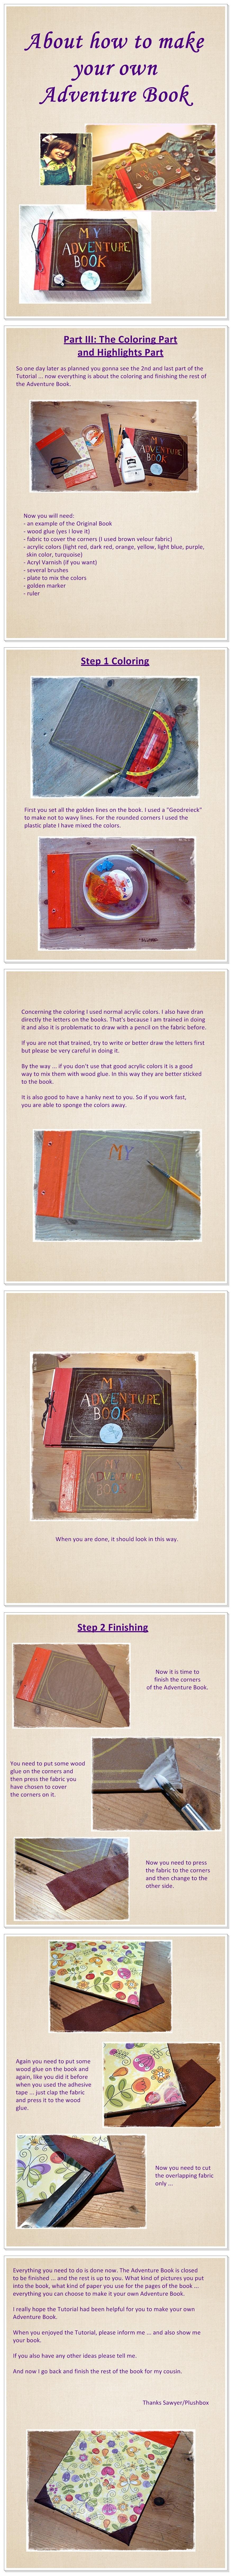 Adventure Book Tutorial III